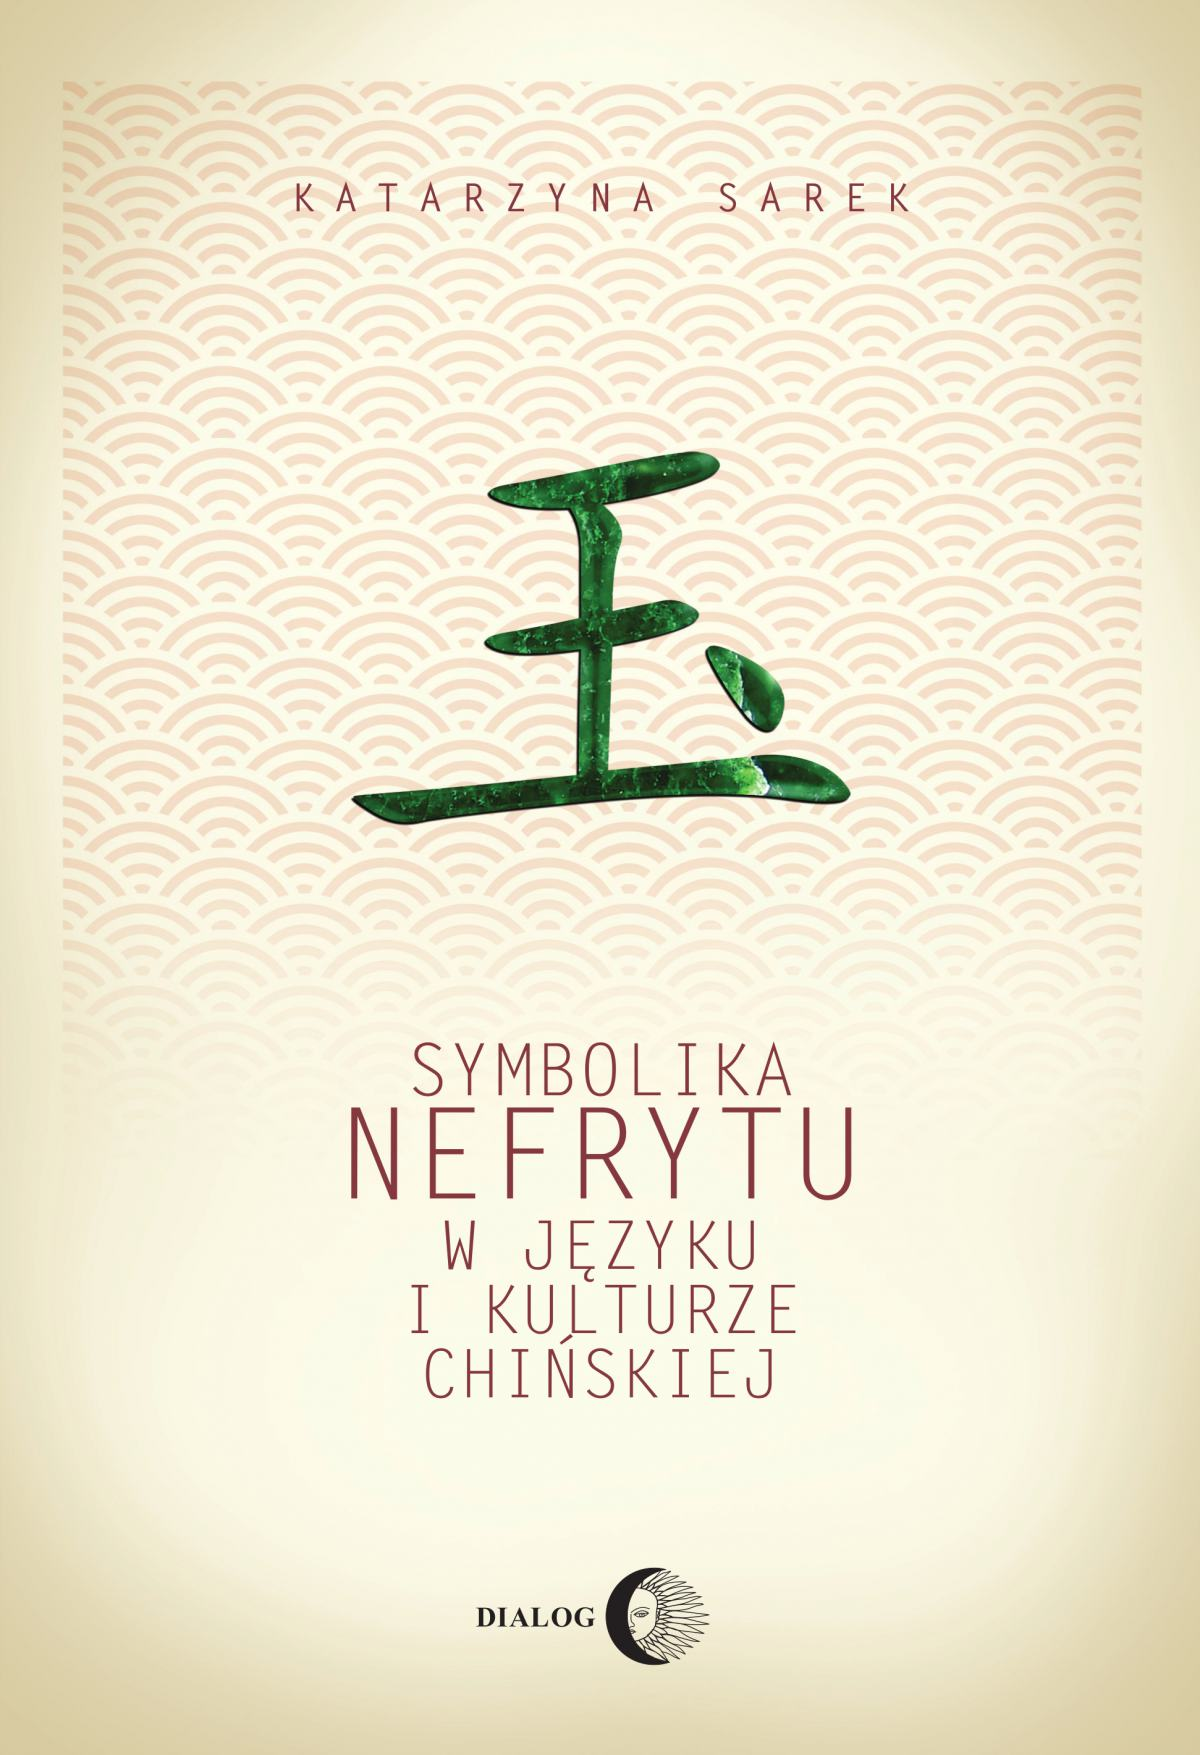 Symbolika nefrytu w języku i kulturze chińskiej - Ebook (Książka na Kindle) do pobrania w formacie MOBI